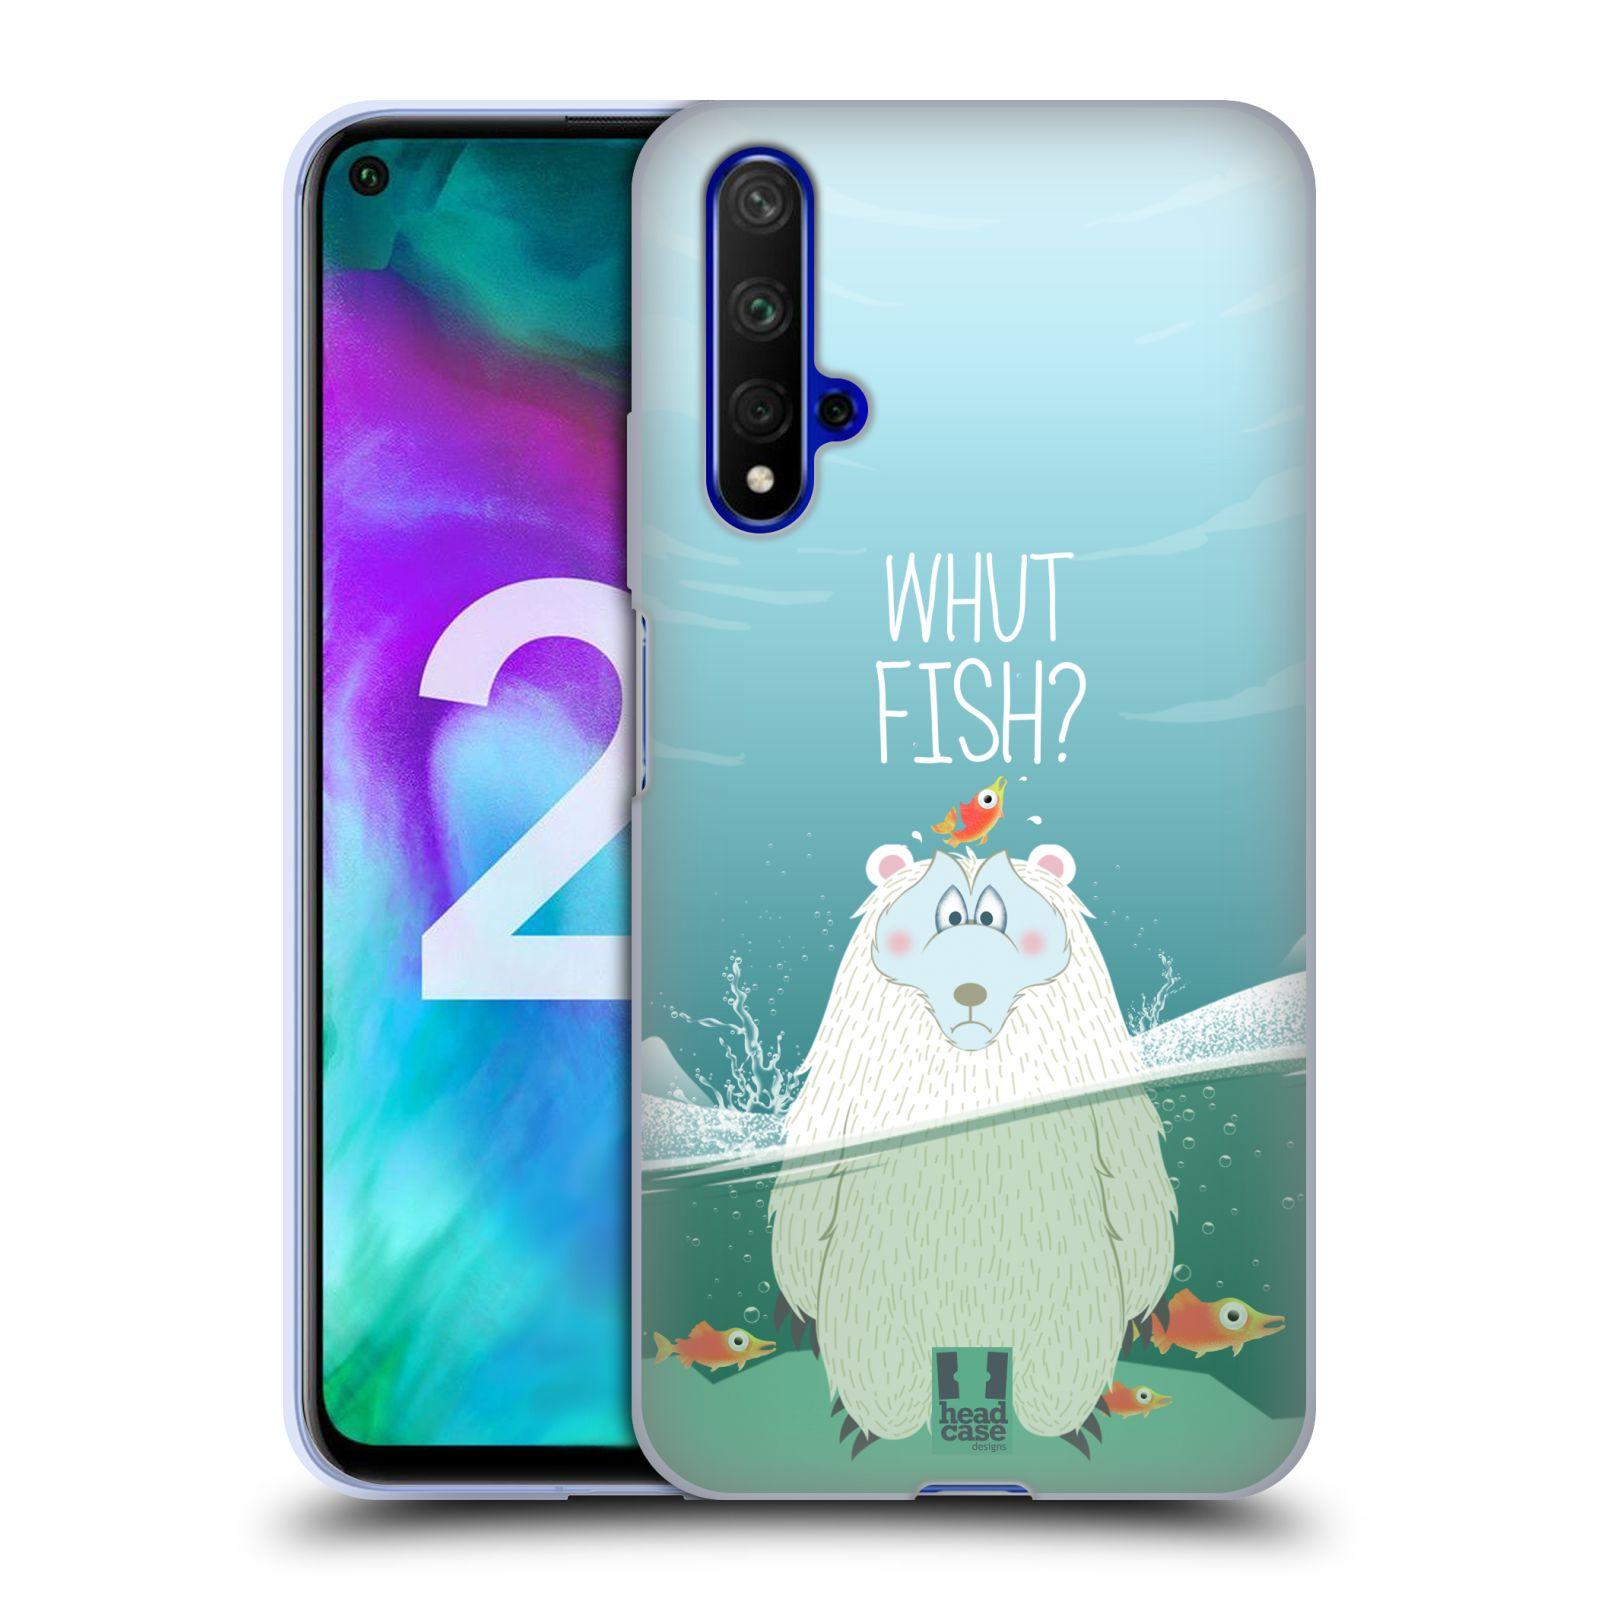 Silikonové pouzdro na mobil Honor 20 - Head Case - Medvěd Whut Fish?